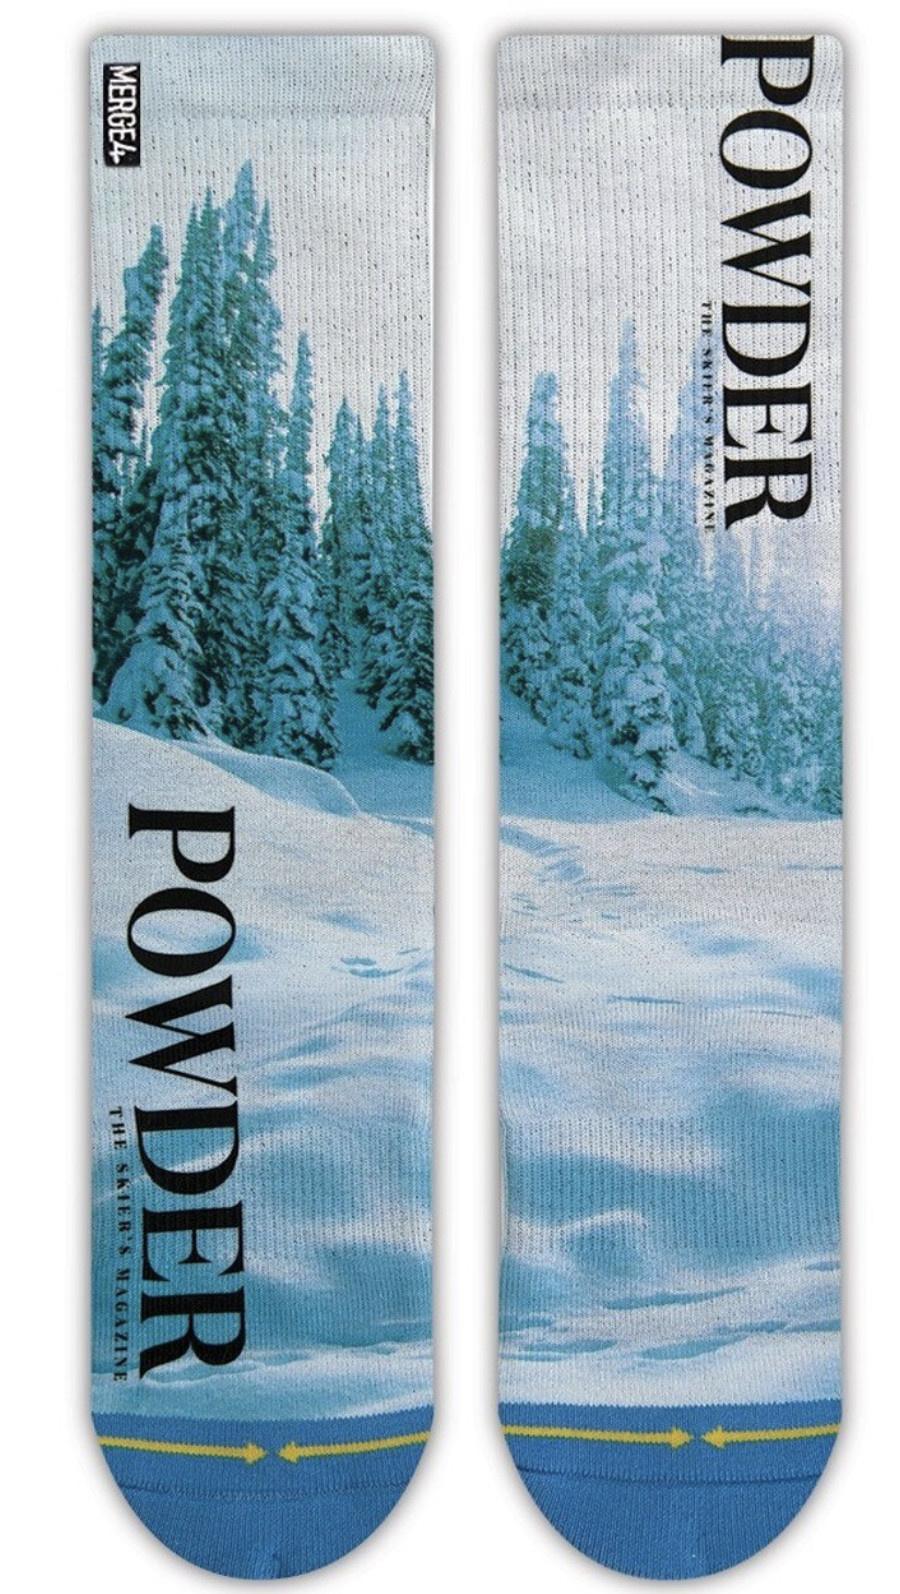 Merge 4 Merge 4 - Powder